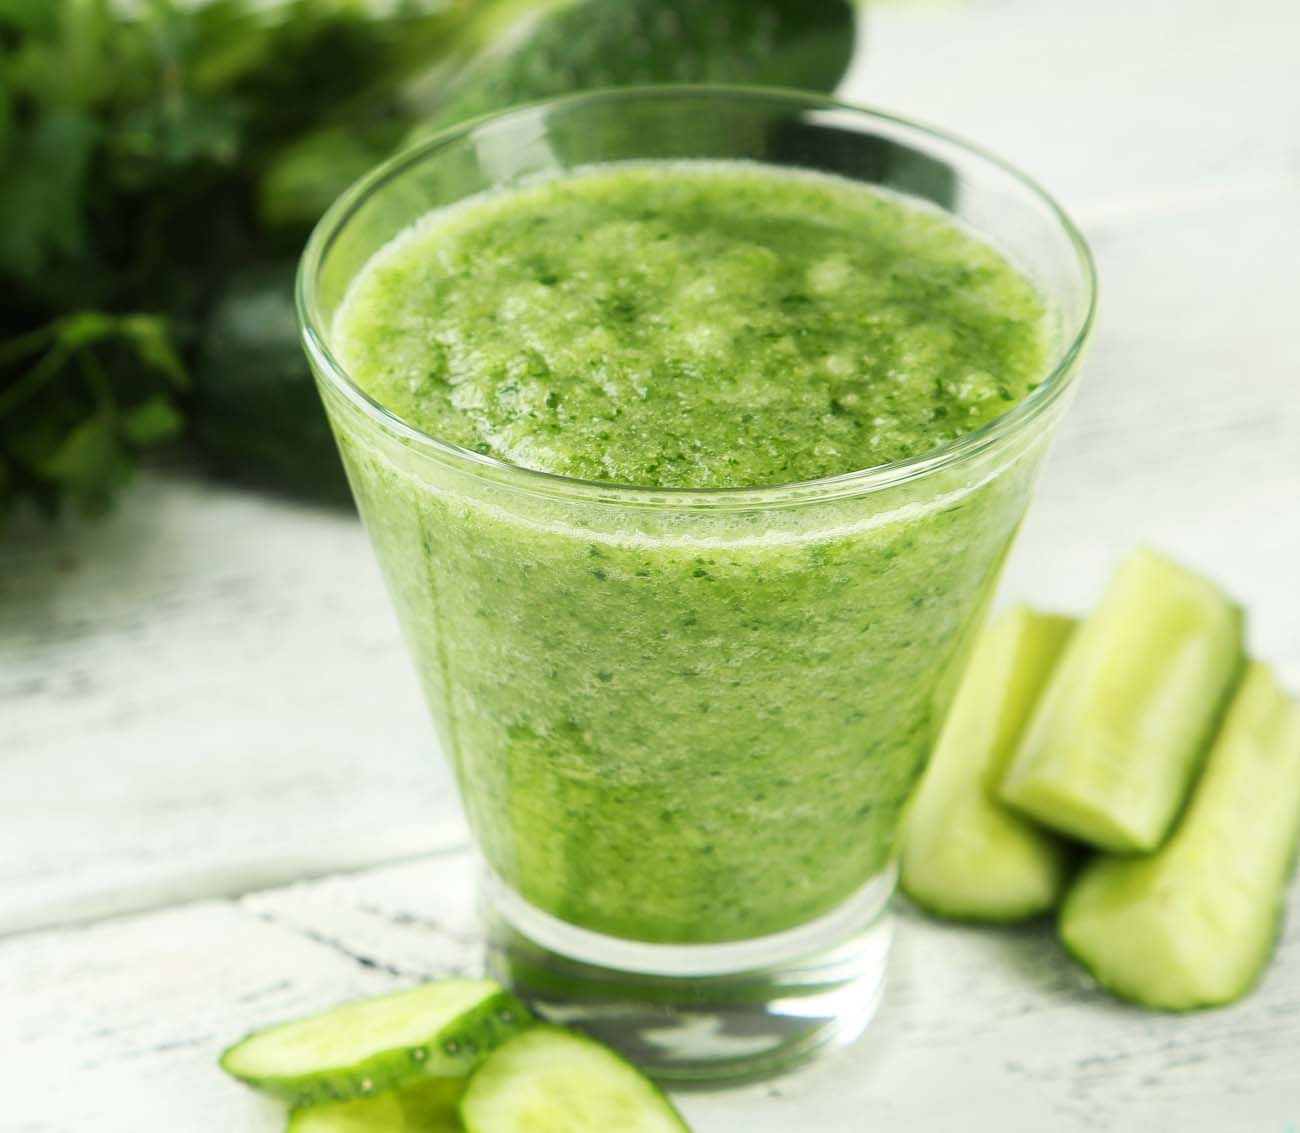 Cucumbertini Recipe (A Refreshing Cucumber Cocktail